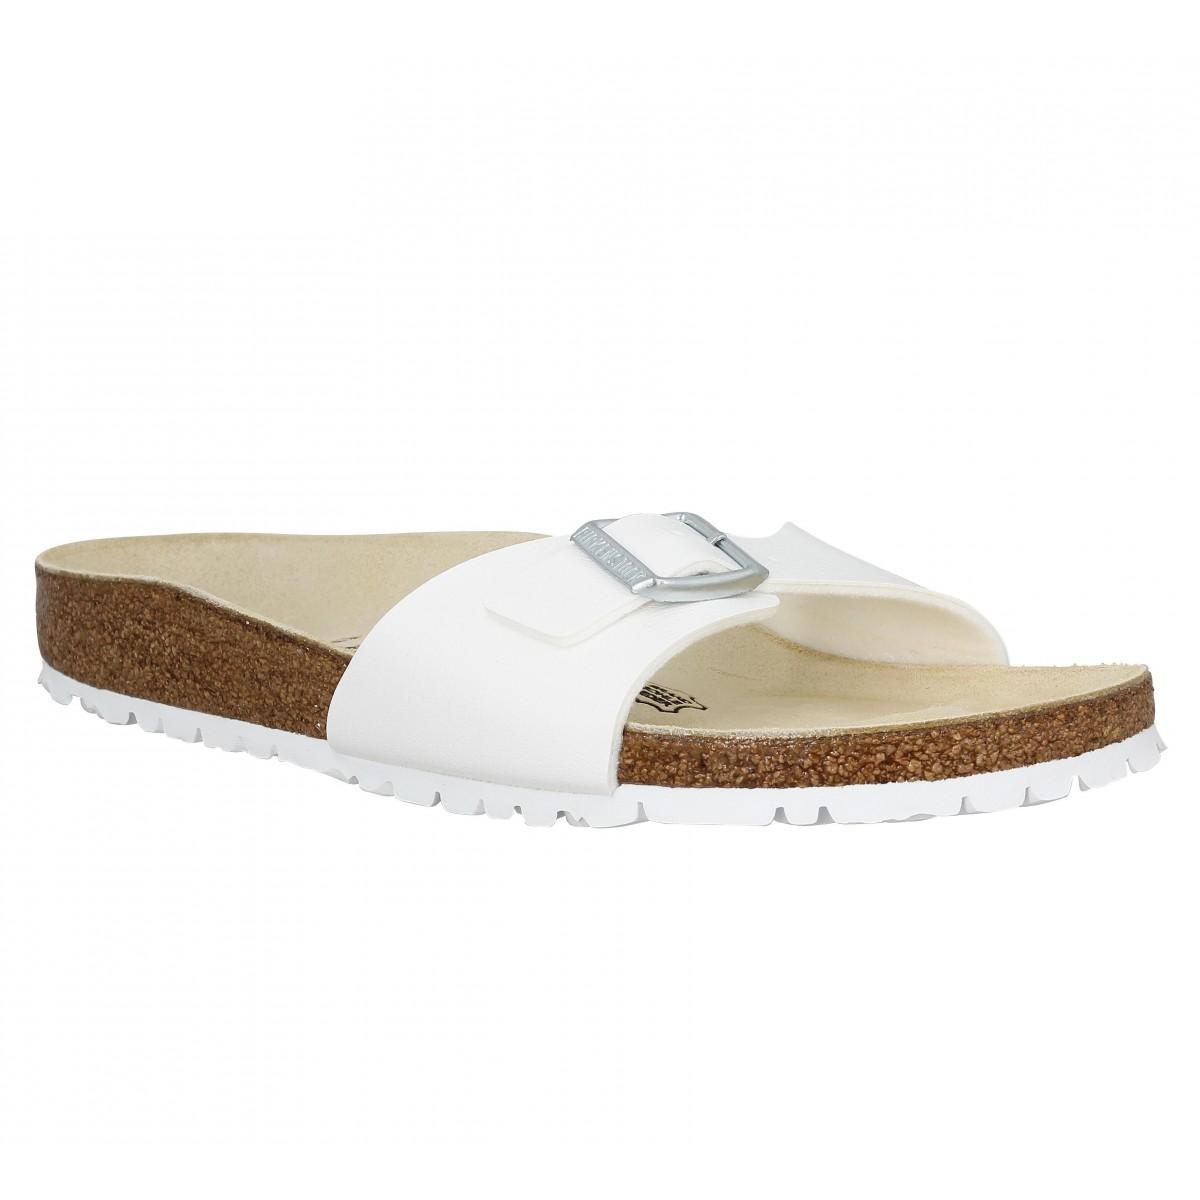 soldes birkenstock madrid birko flor femme blanc fanny chaussures. Black Bedroom Furniture Sets. Home Design Ideas